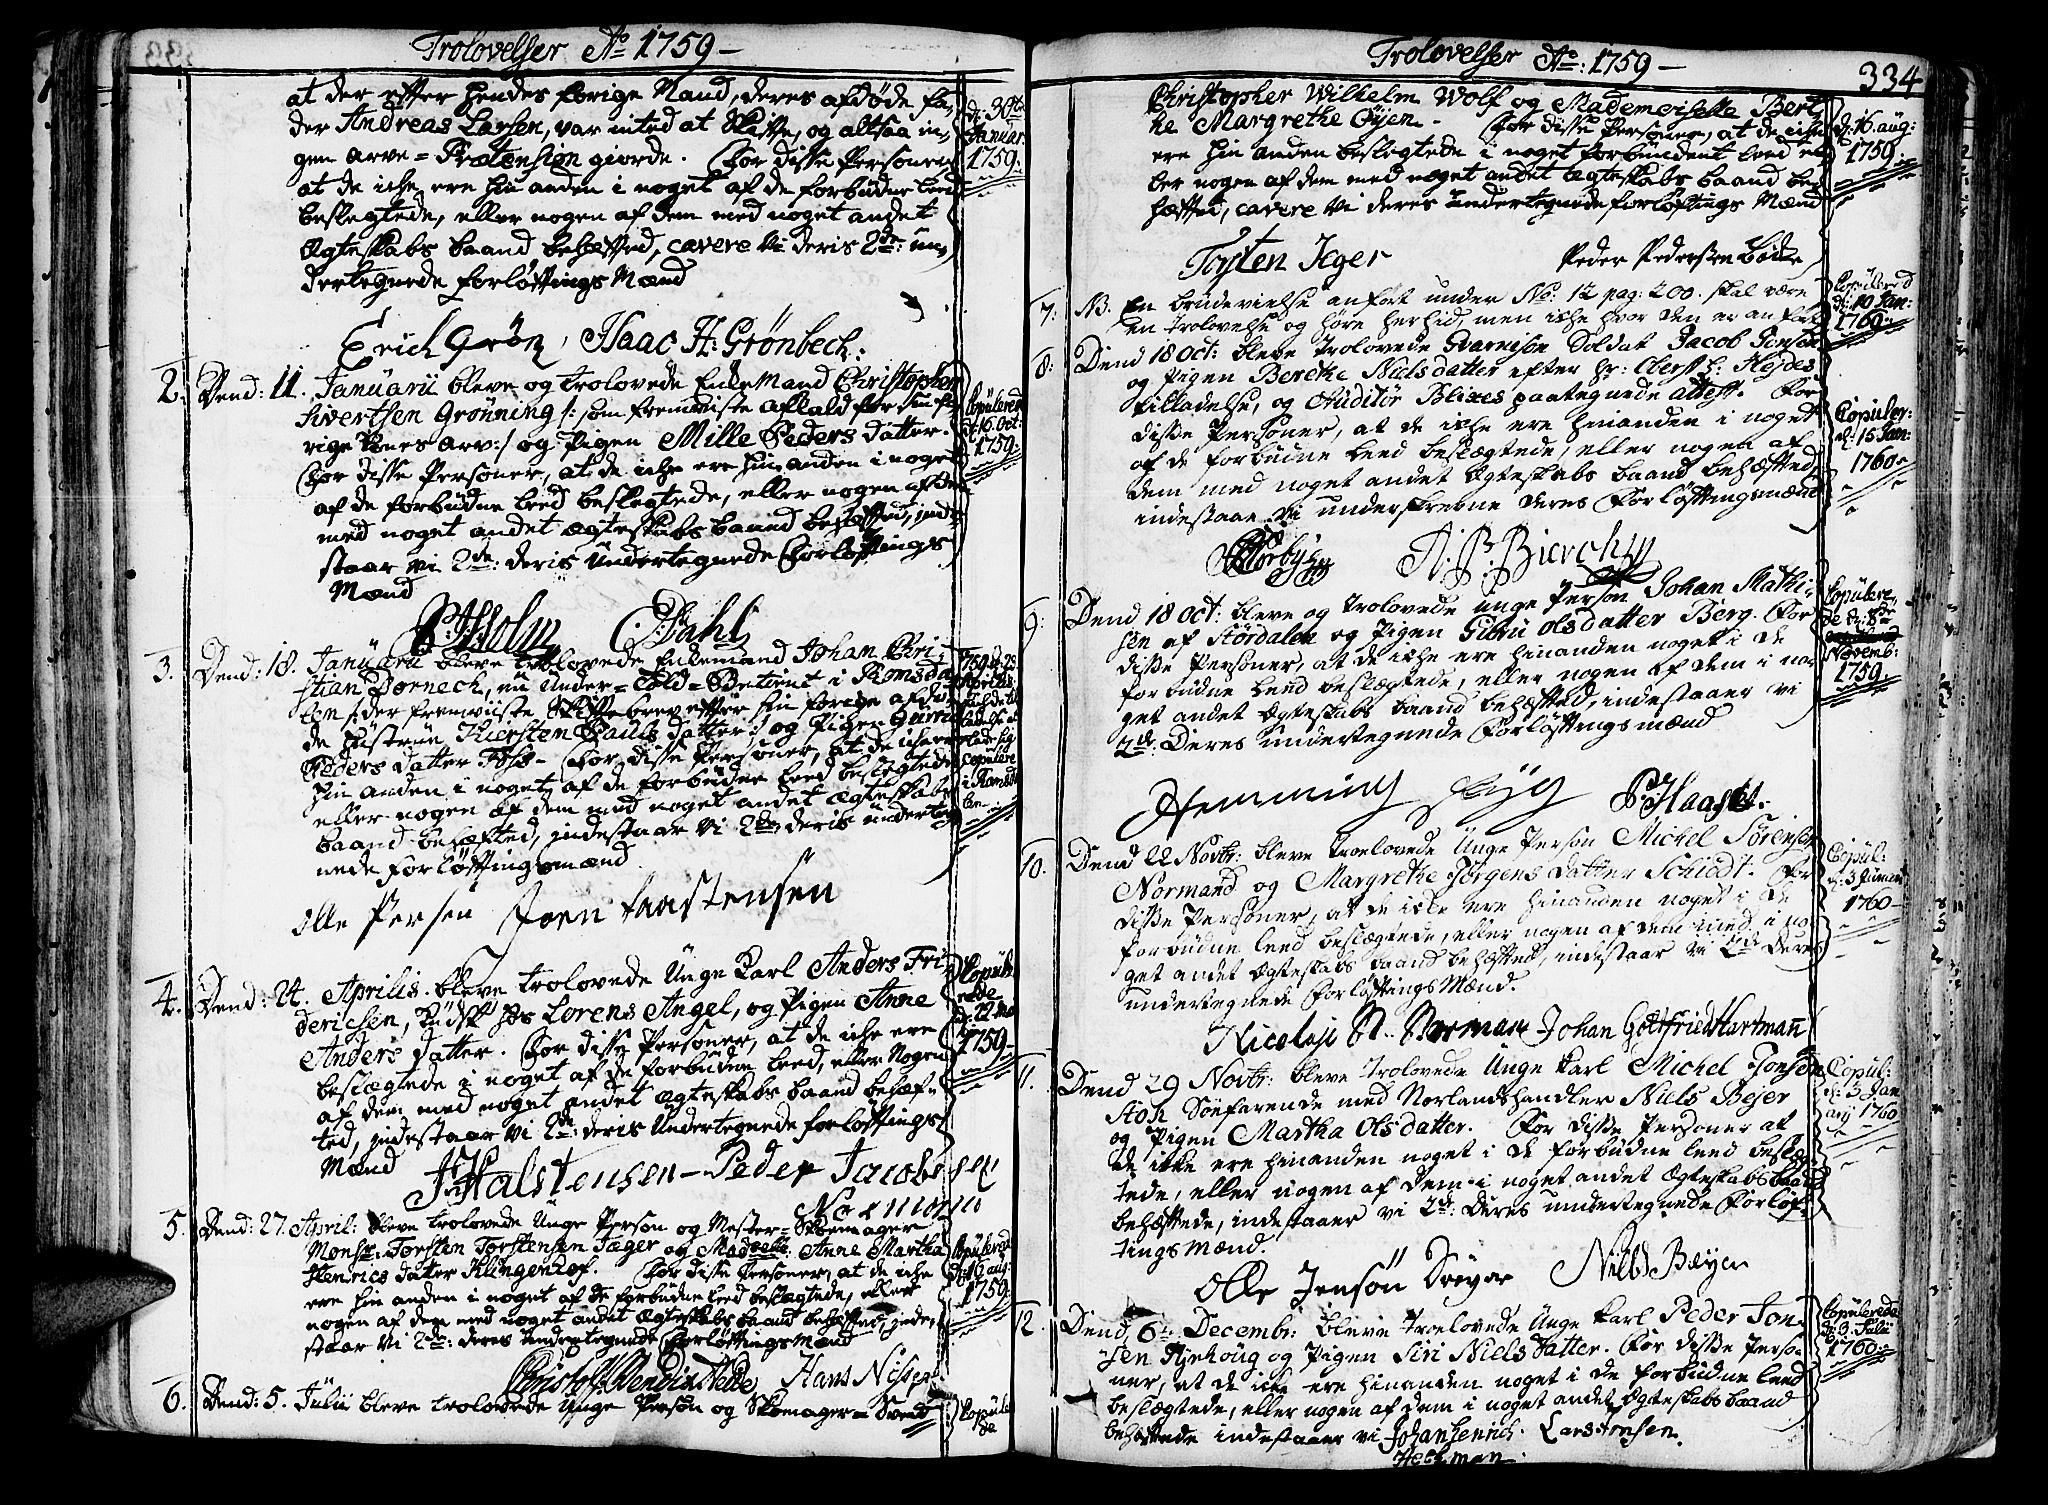 SAT, Ministerialprotokoller, klokkerbøker og fødselsregistre - Sør-Trøndelag, 602/L0103: Ministerialbok nr. 602A01, 1732-1774, s. 334